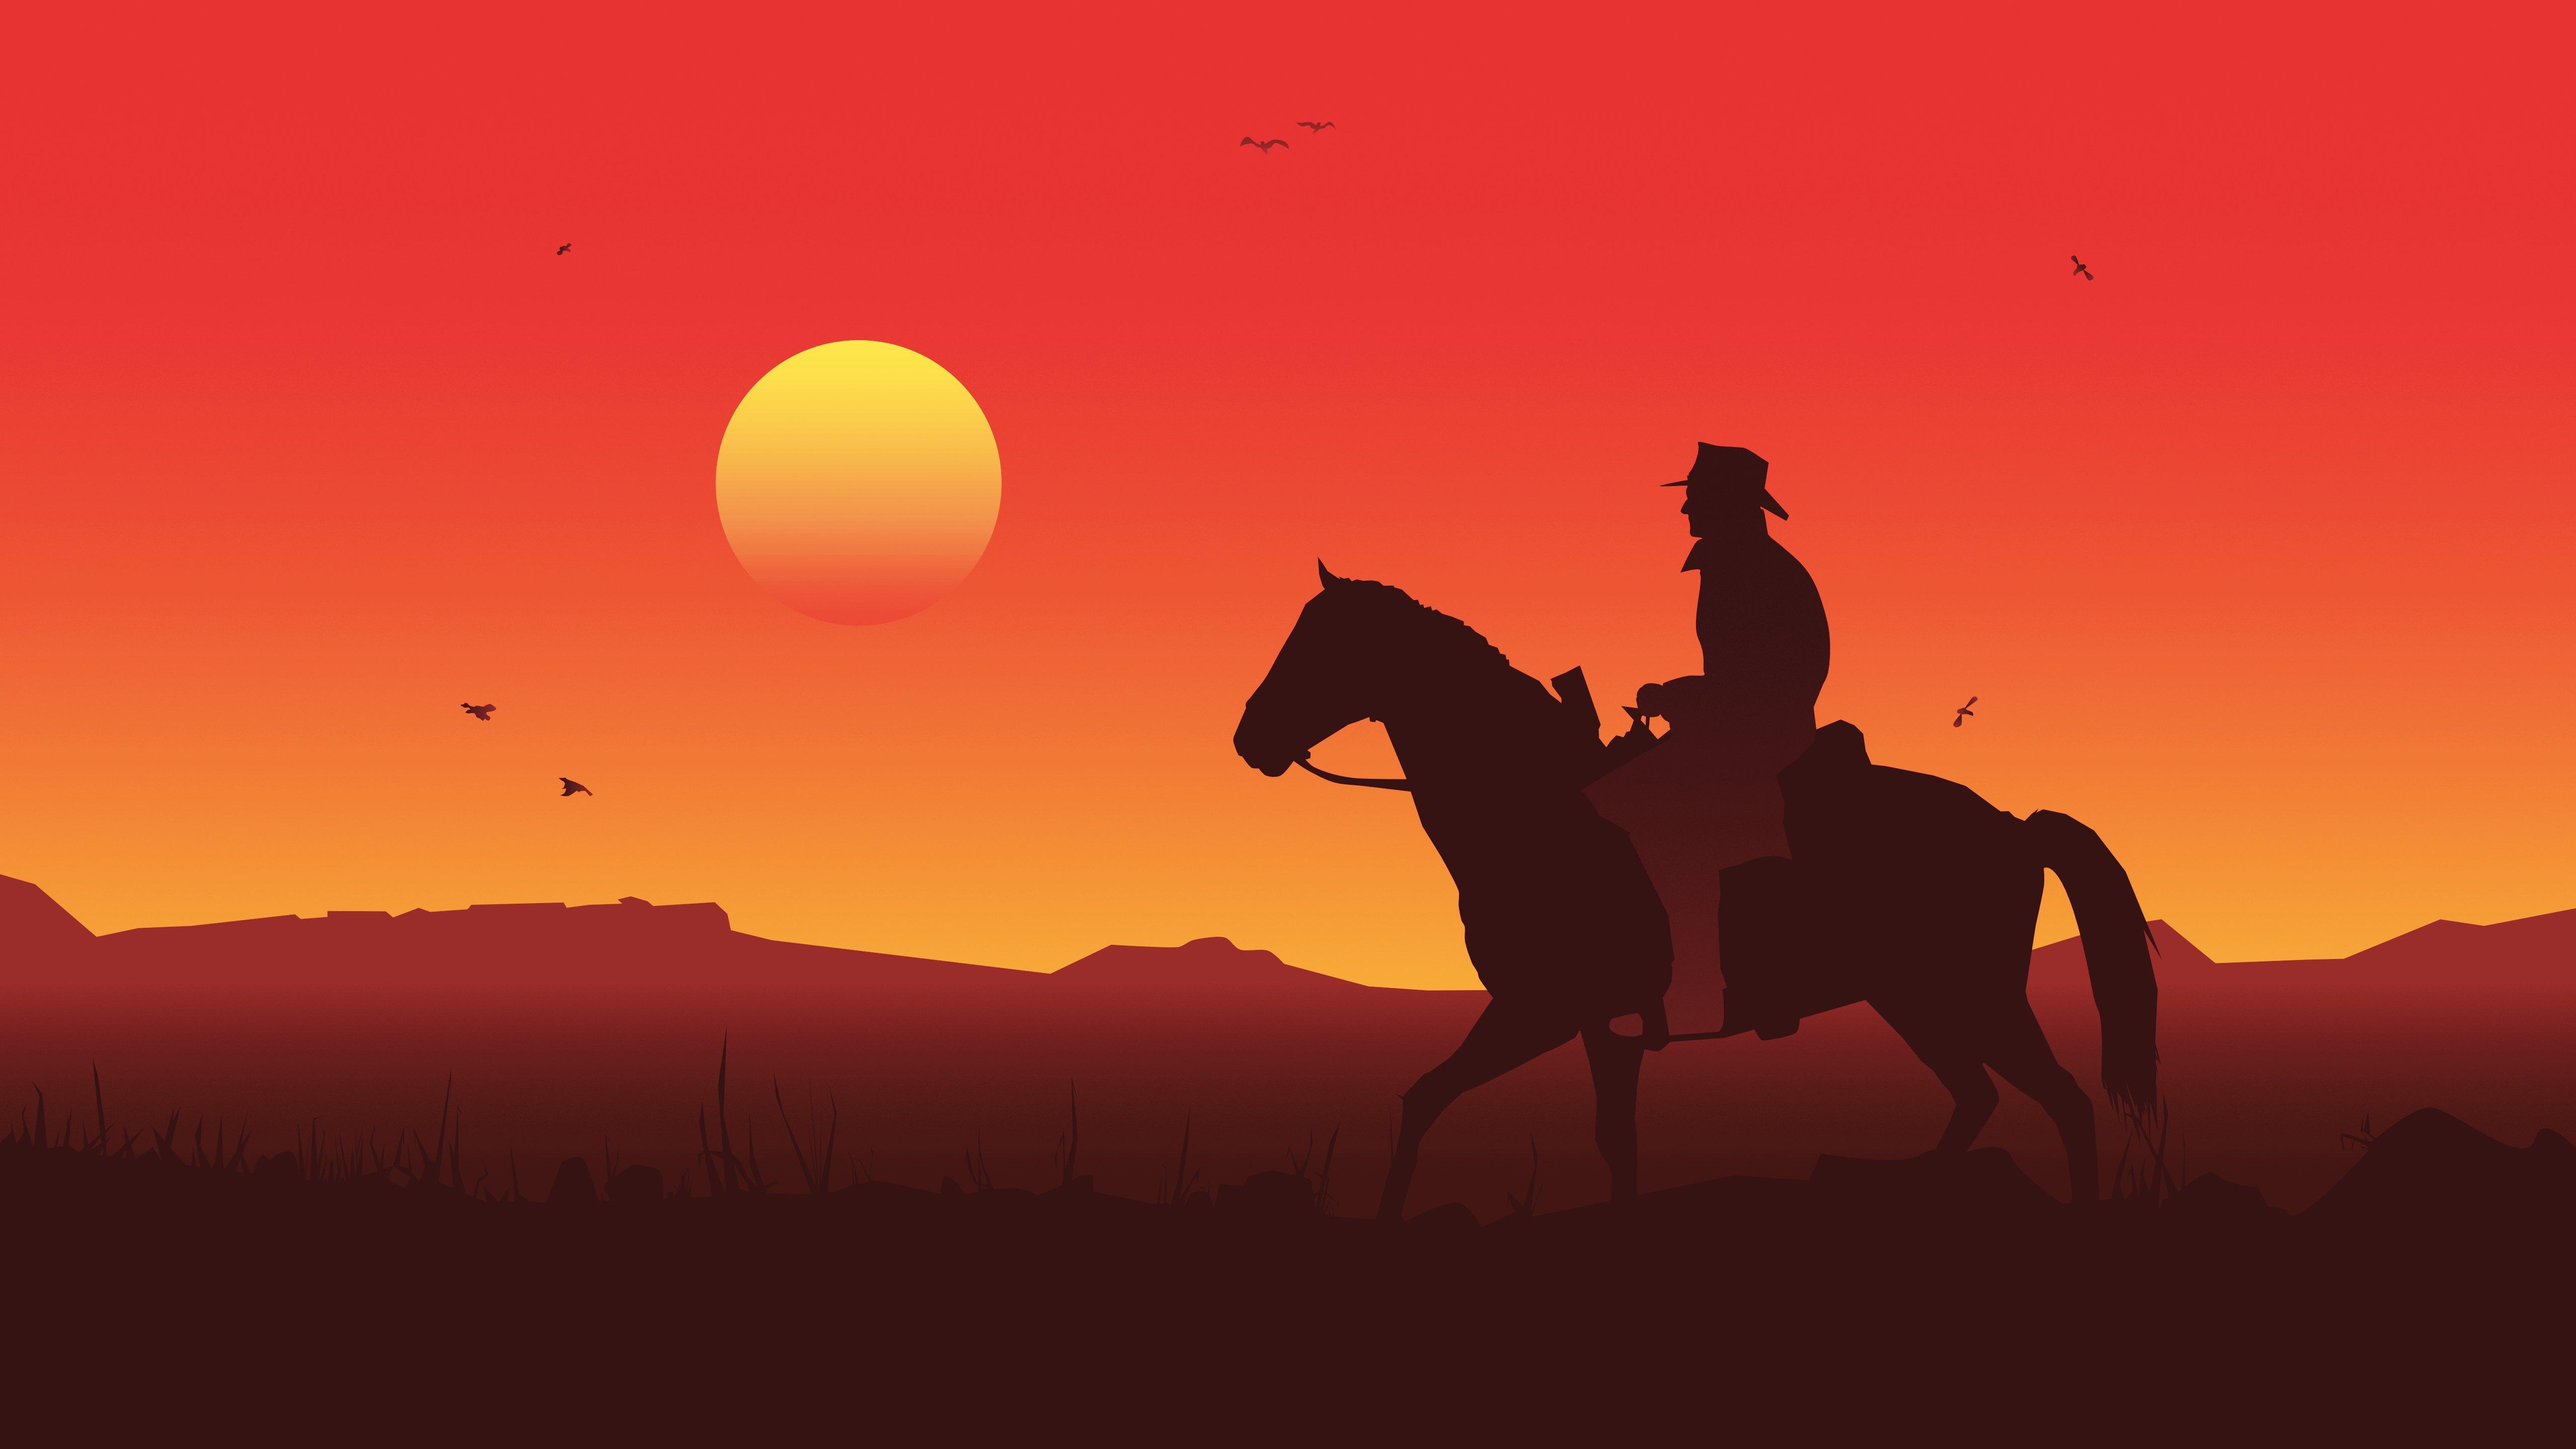 Fondos de pantalla Red Dead Redemption 2